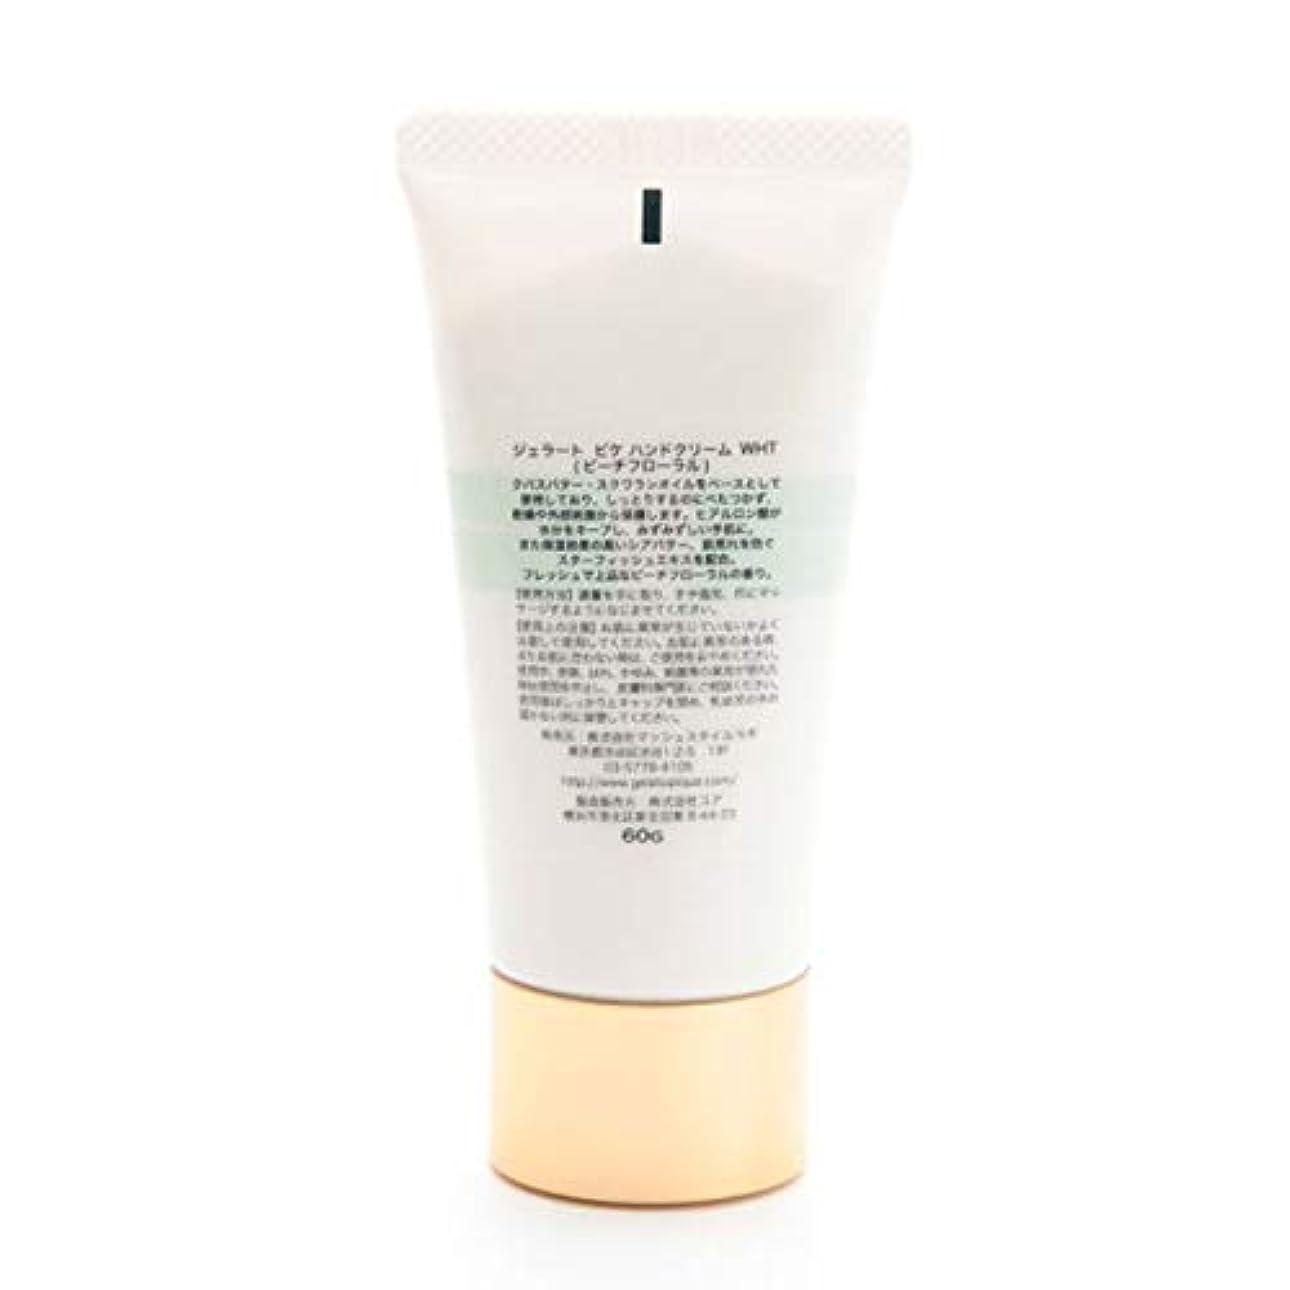 慣らす乗算商業のgelato pique ジェラートピケ [COSME MARCHE]ハンドクリーム pwlc149019 WHITE F